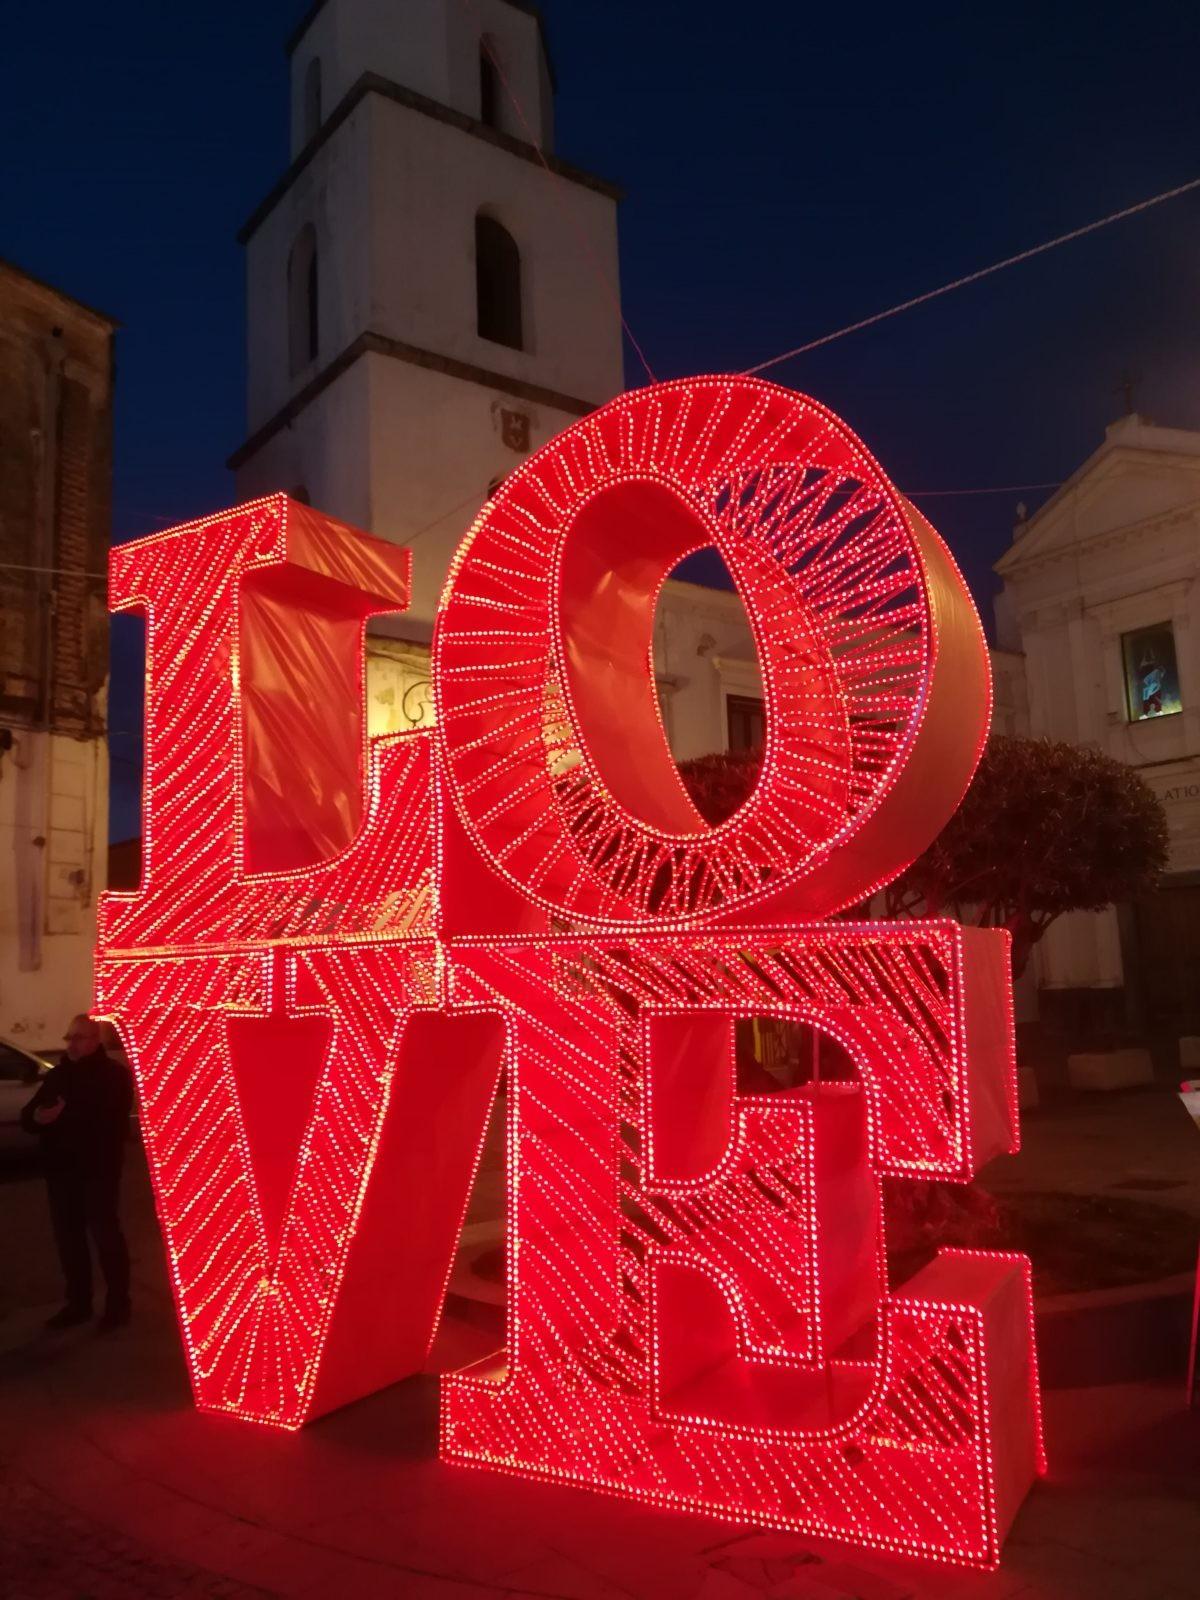 san valentino torio, sposincampania, sposi in campania, sposi campania, saint valentine in love, san valentino torio festa innamorati, 14 febbraio campania, eventi campania